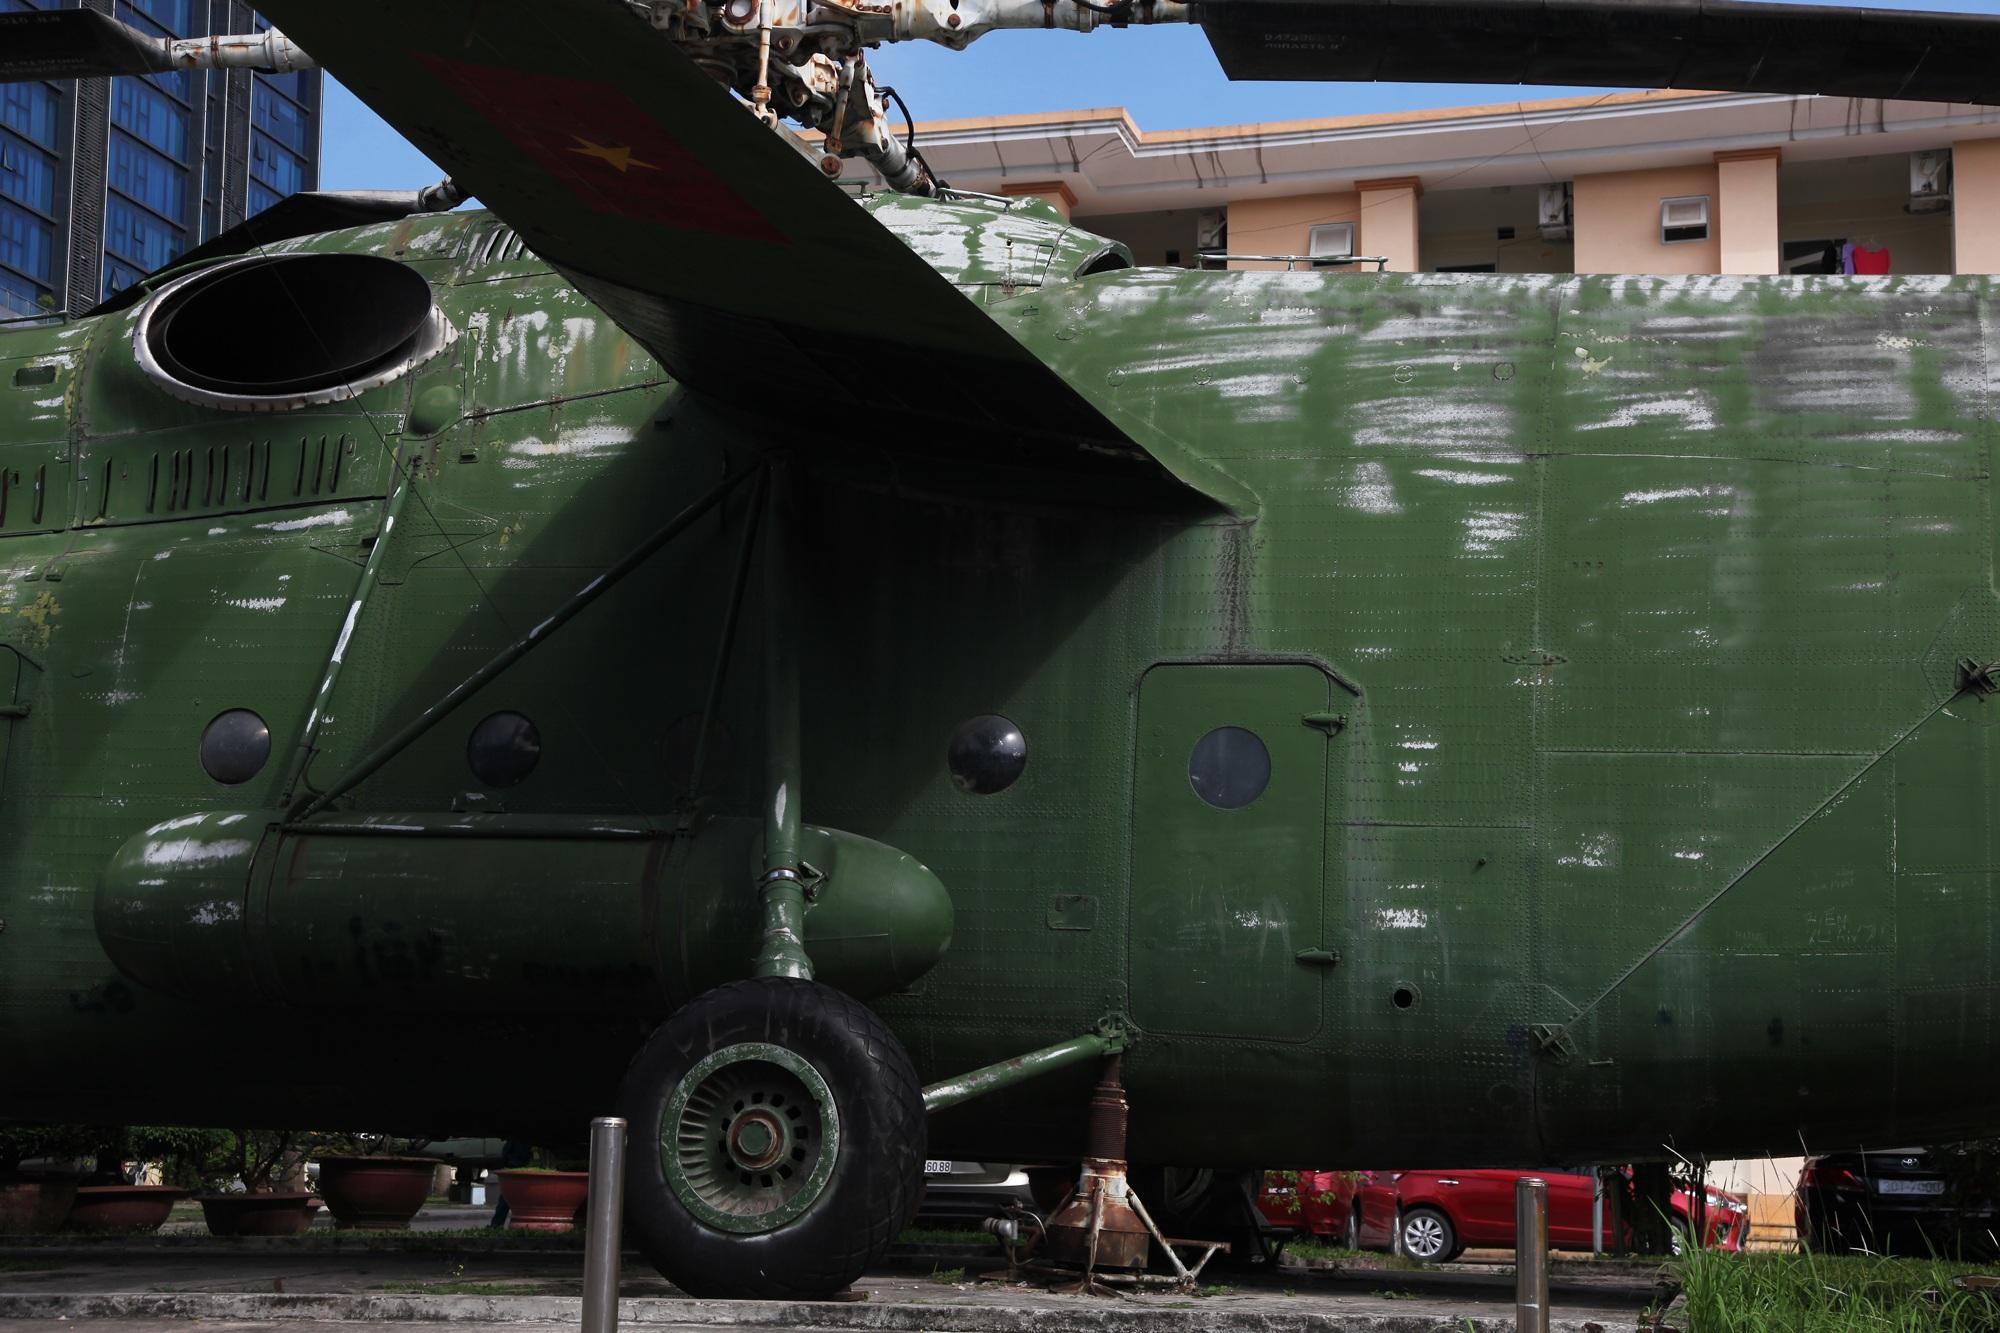 Cận cảnh trực thăng khổng lồ huyền thoại của Không quân Việt Nam - 7